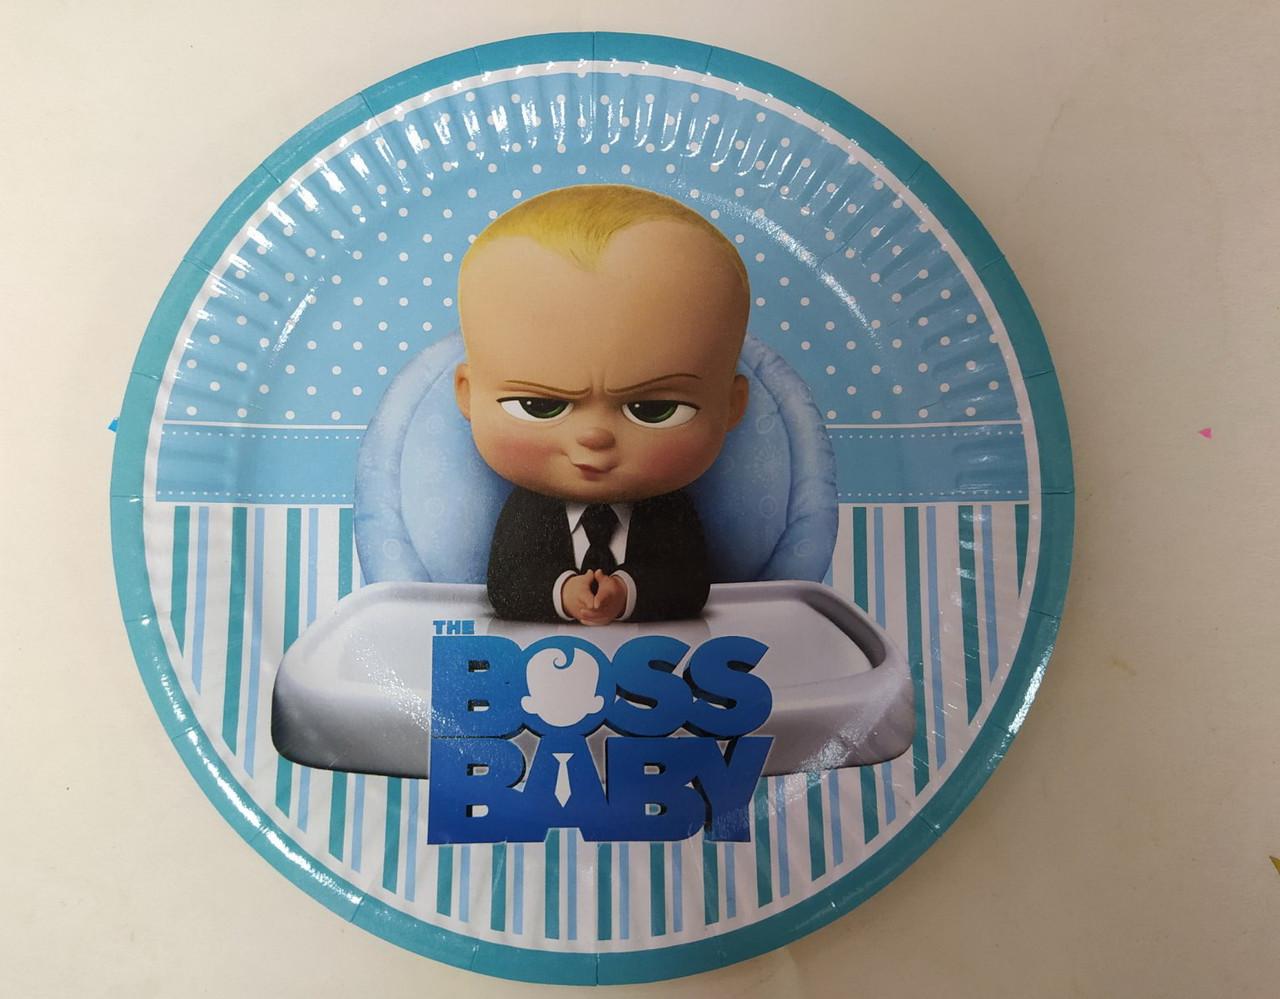 Паперова тарілка блакитний принт Boss Baby 18см. упаковка 5шт.